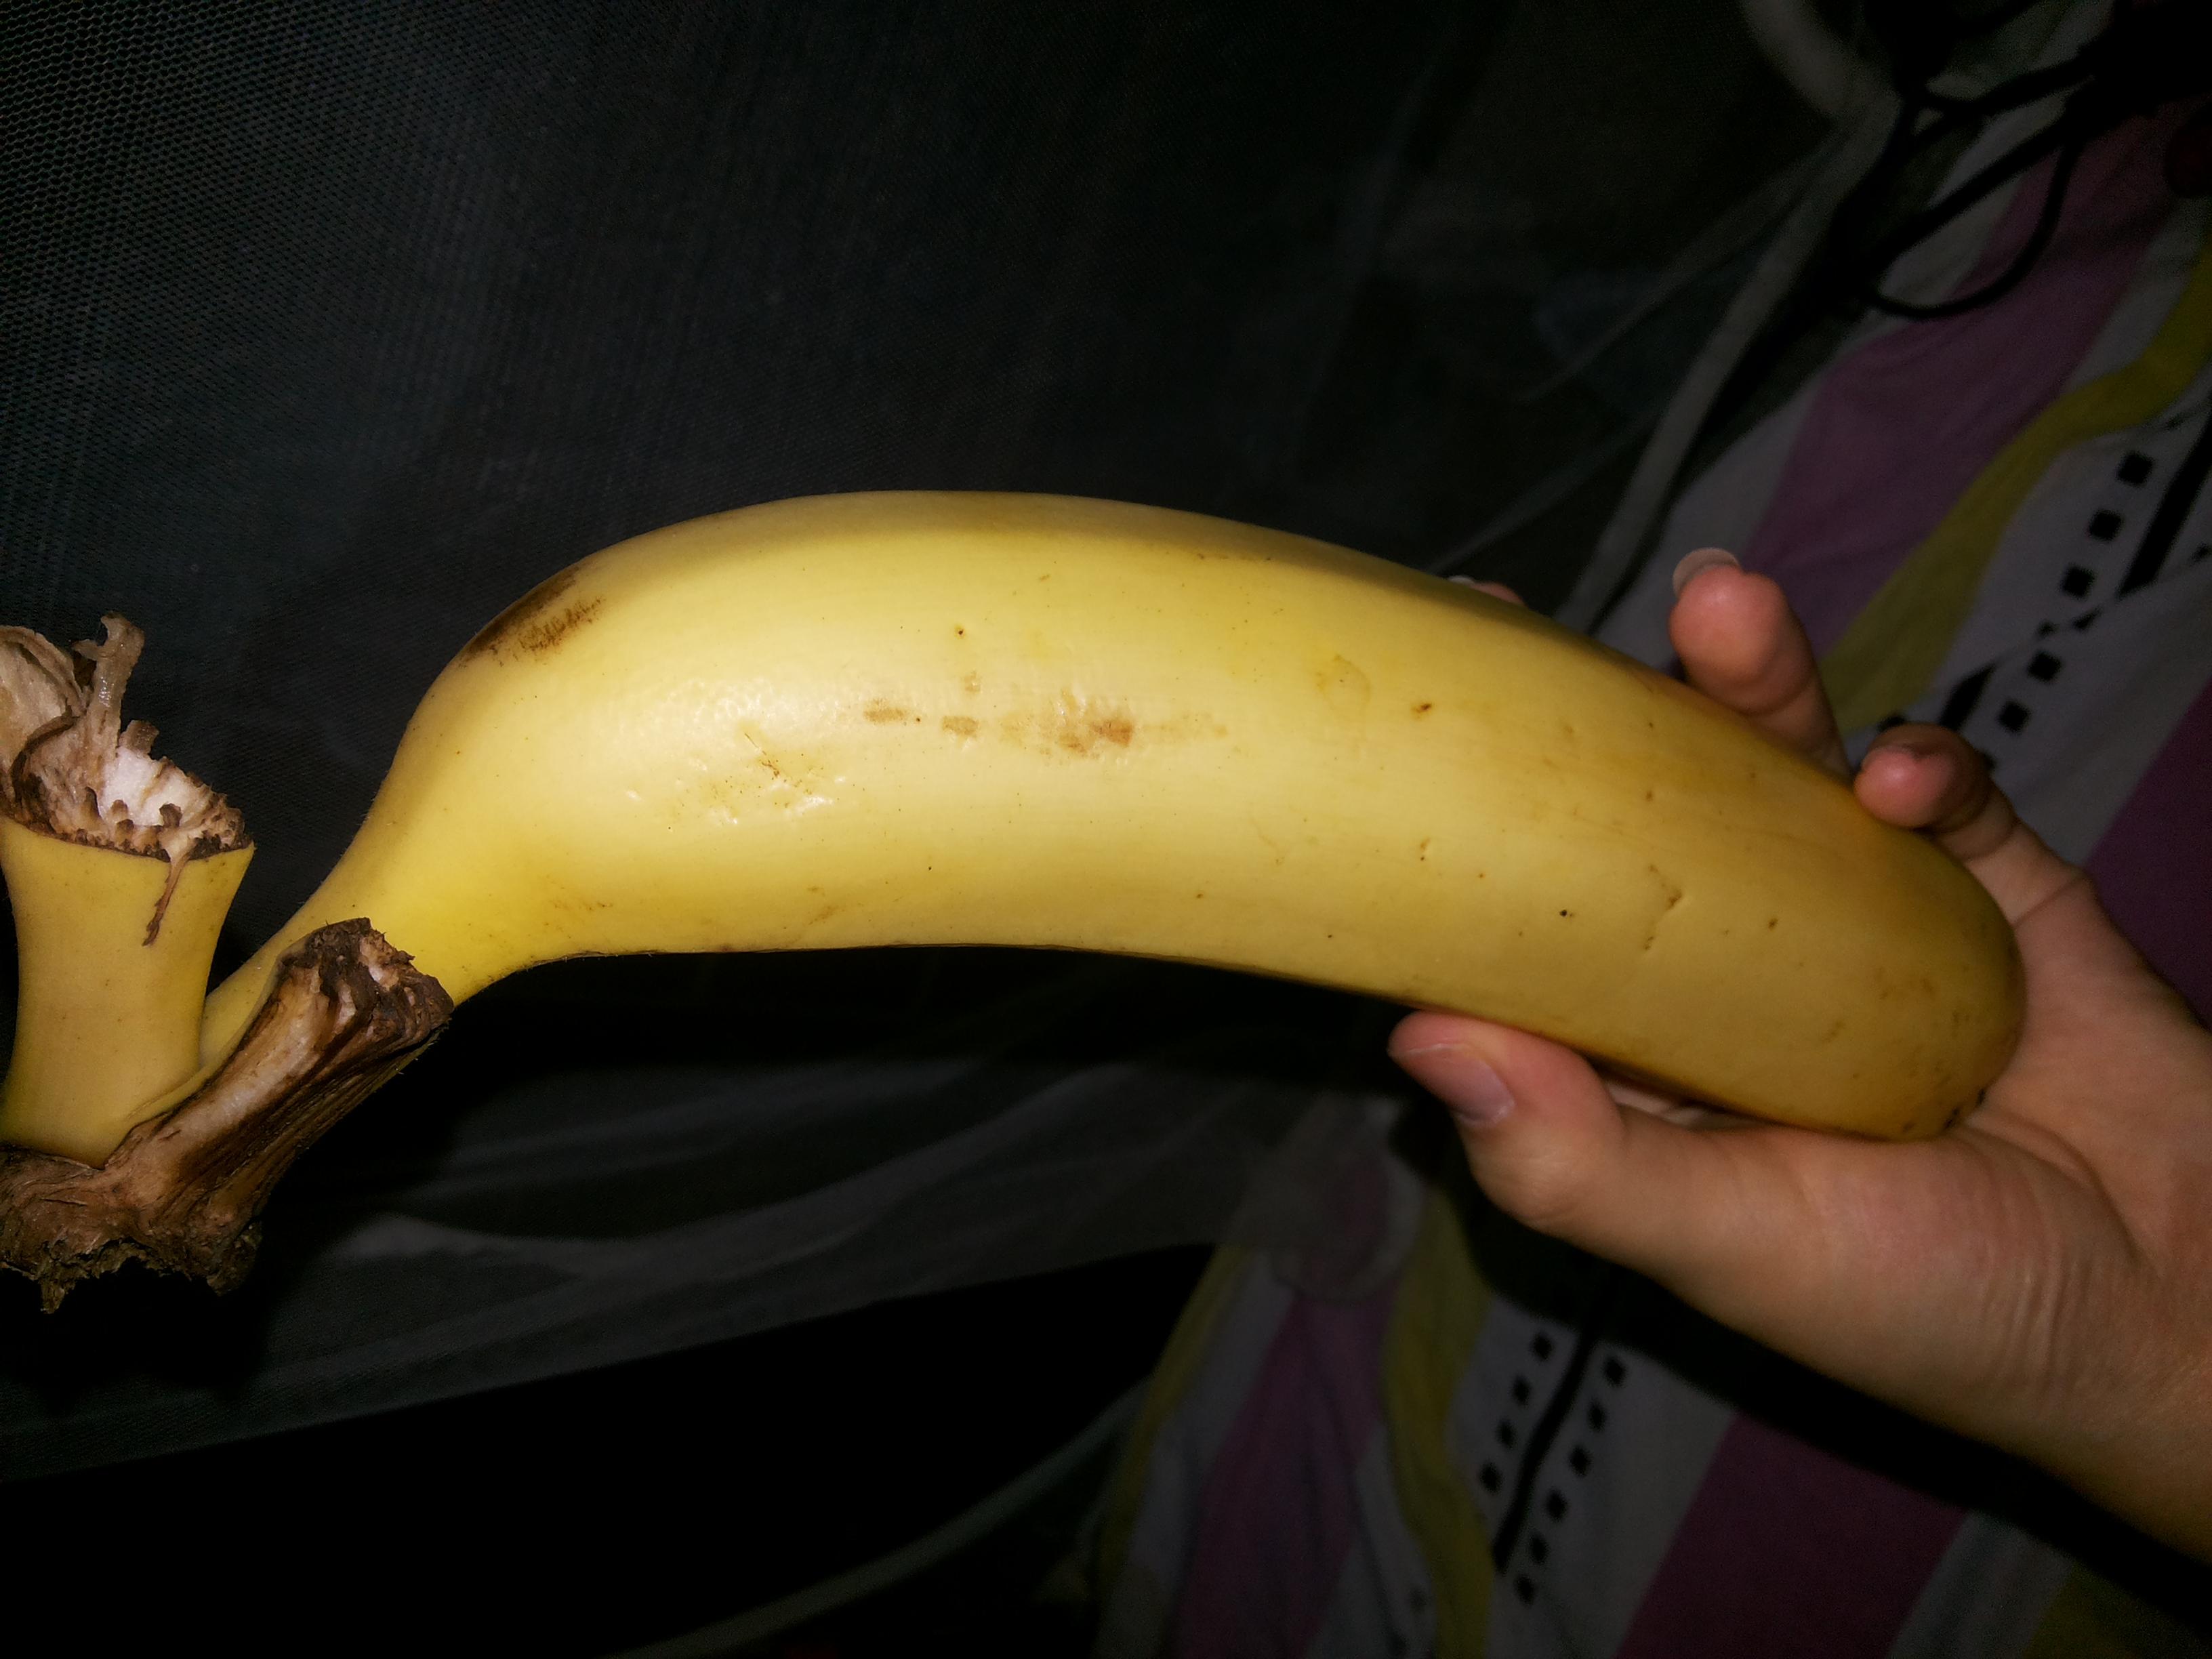 大香蕉_的美食日记_豆果网